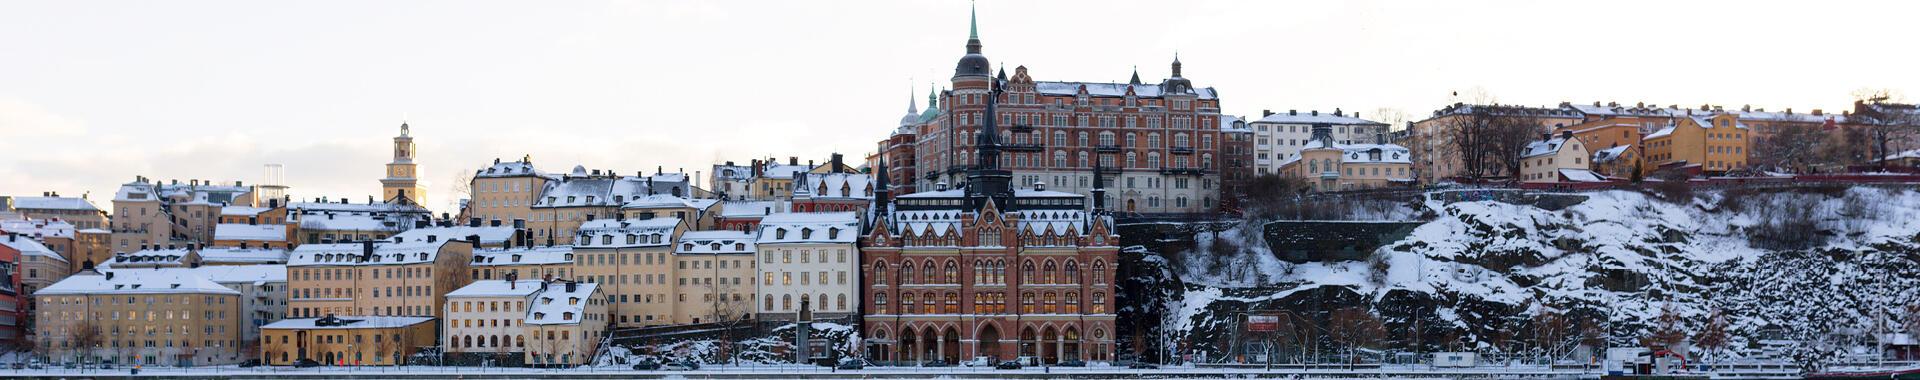 Stockholm. Photo by Jon Flobrant, Unsplash